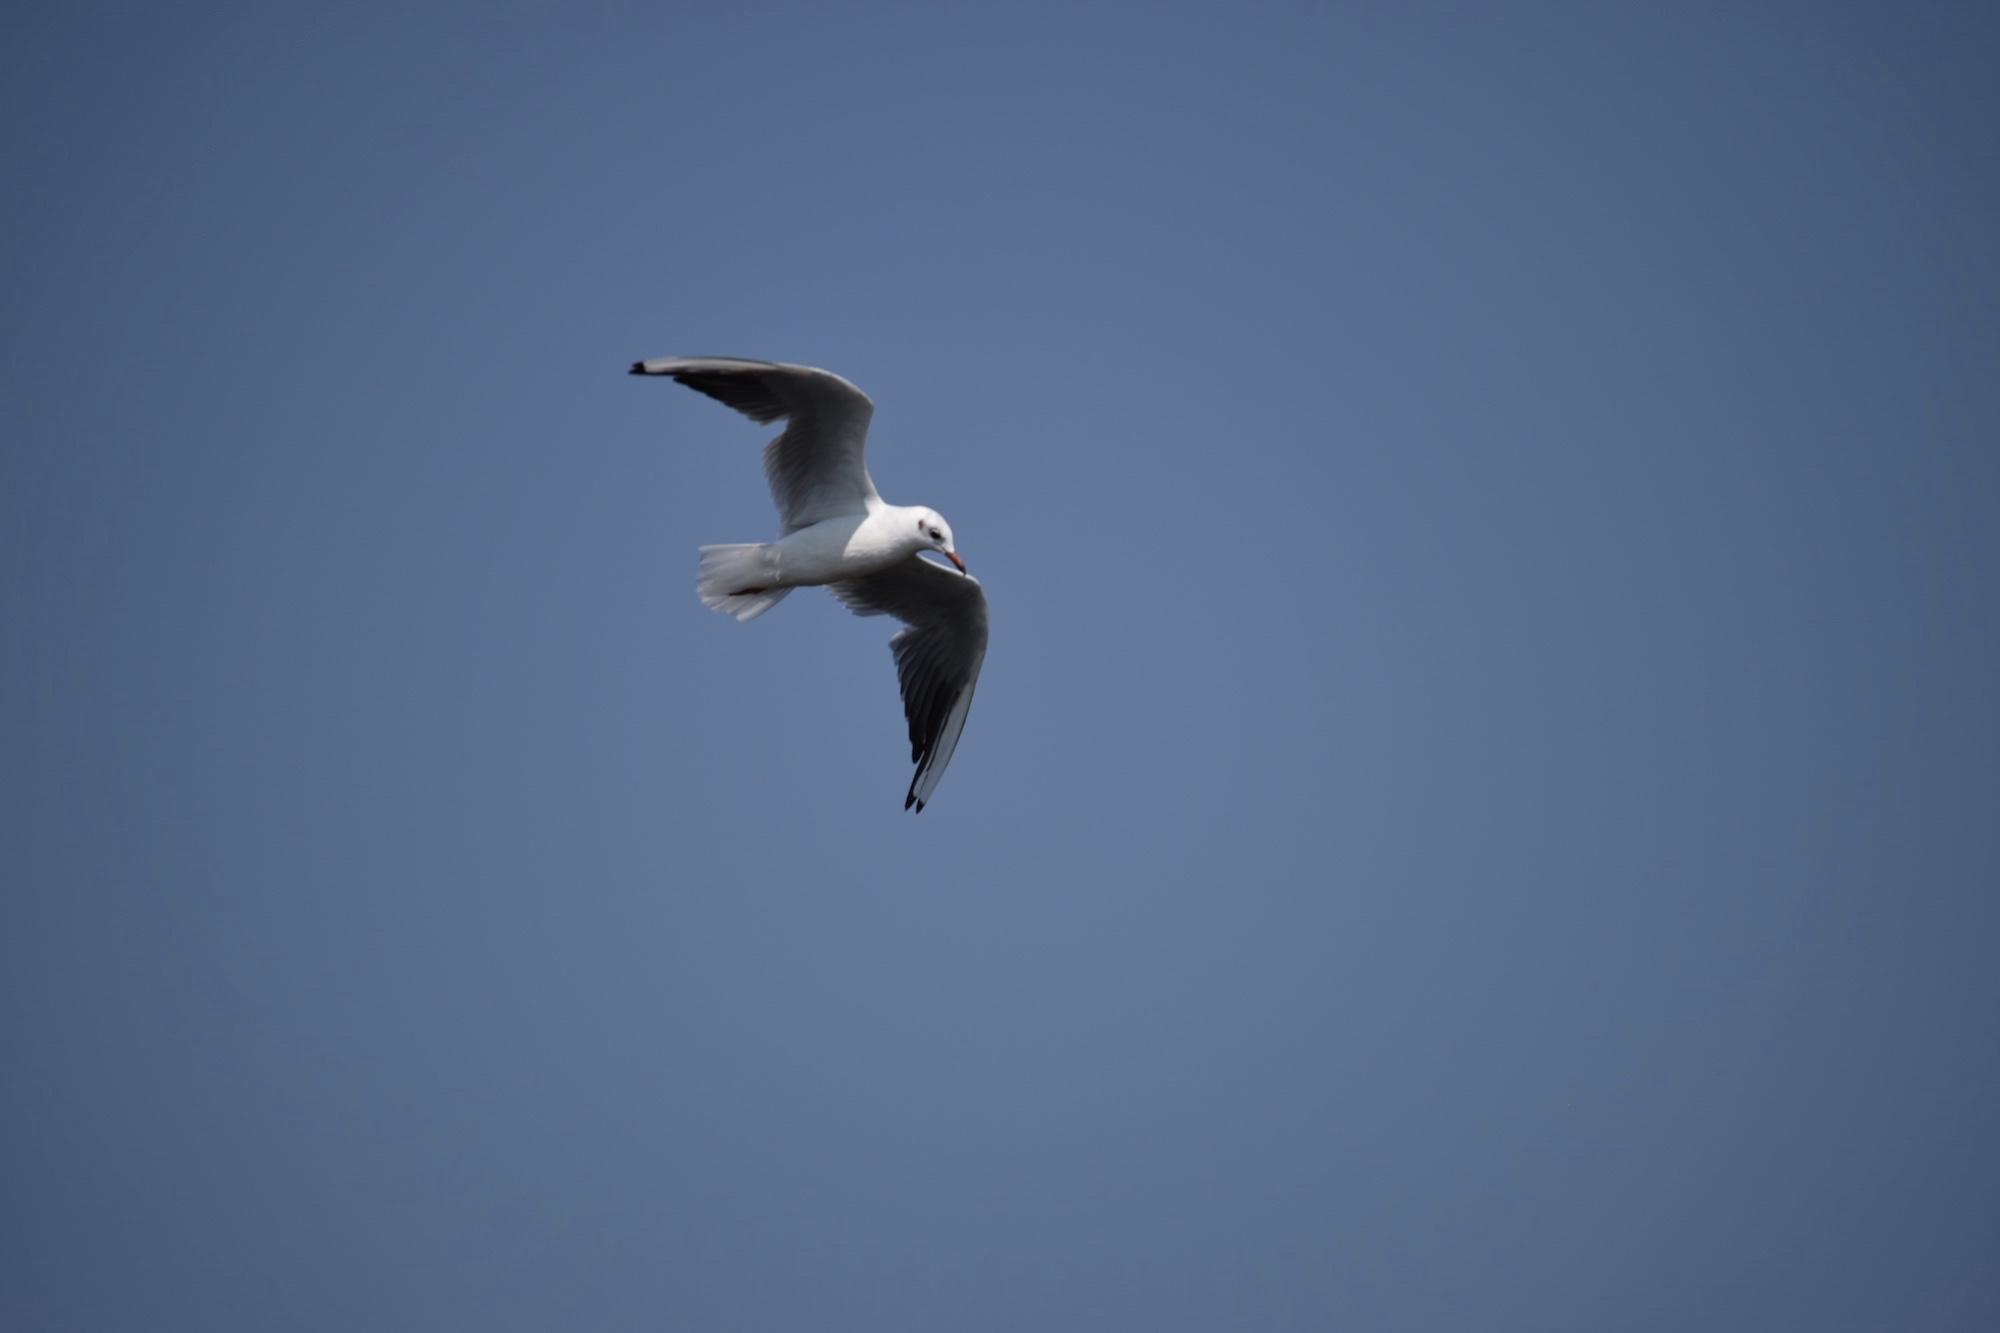 Dunăre - Pescăruș în zbor